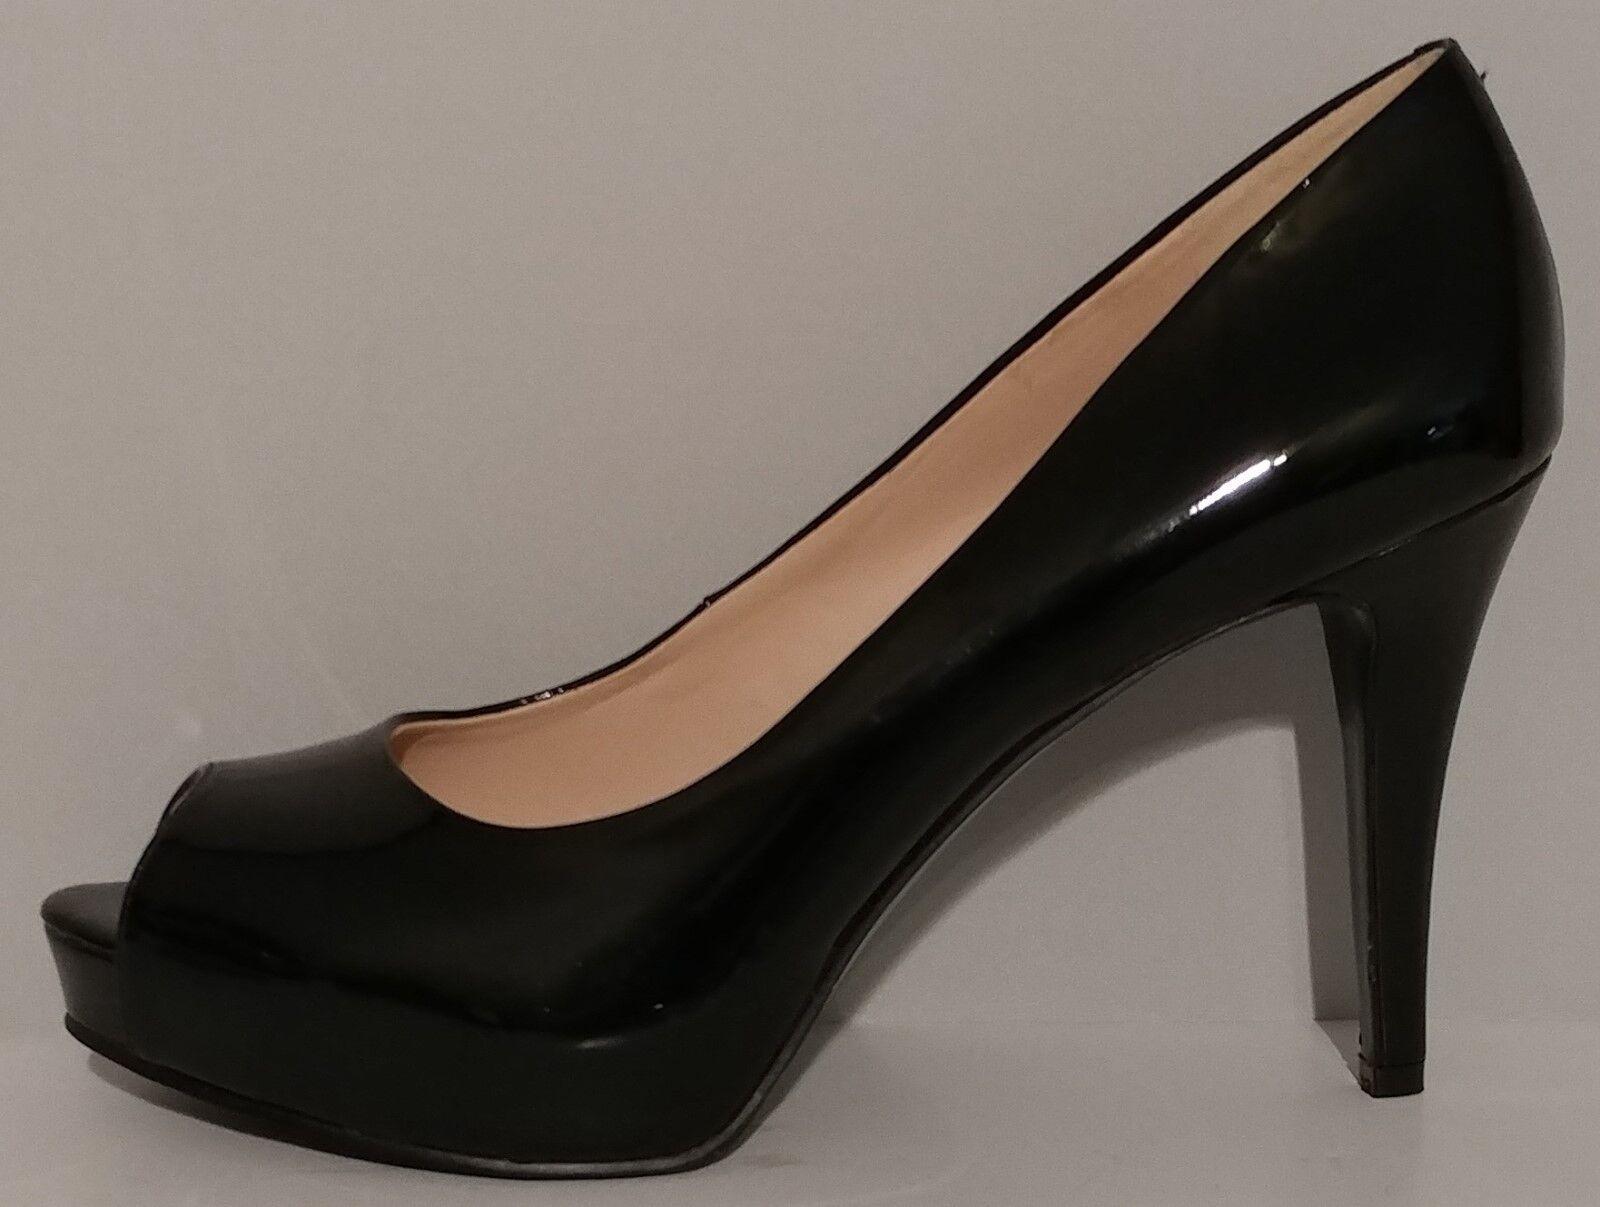 Nuevo    Nine West Negro Patente Peep Toe Toe Toe Zapatos de tacón 9.5M nos 39.5M bombas 4  EUR  deportes calientes